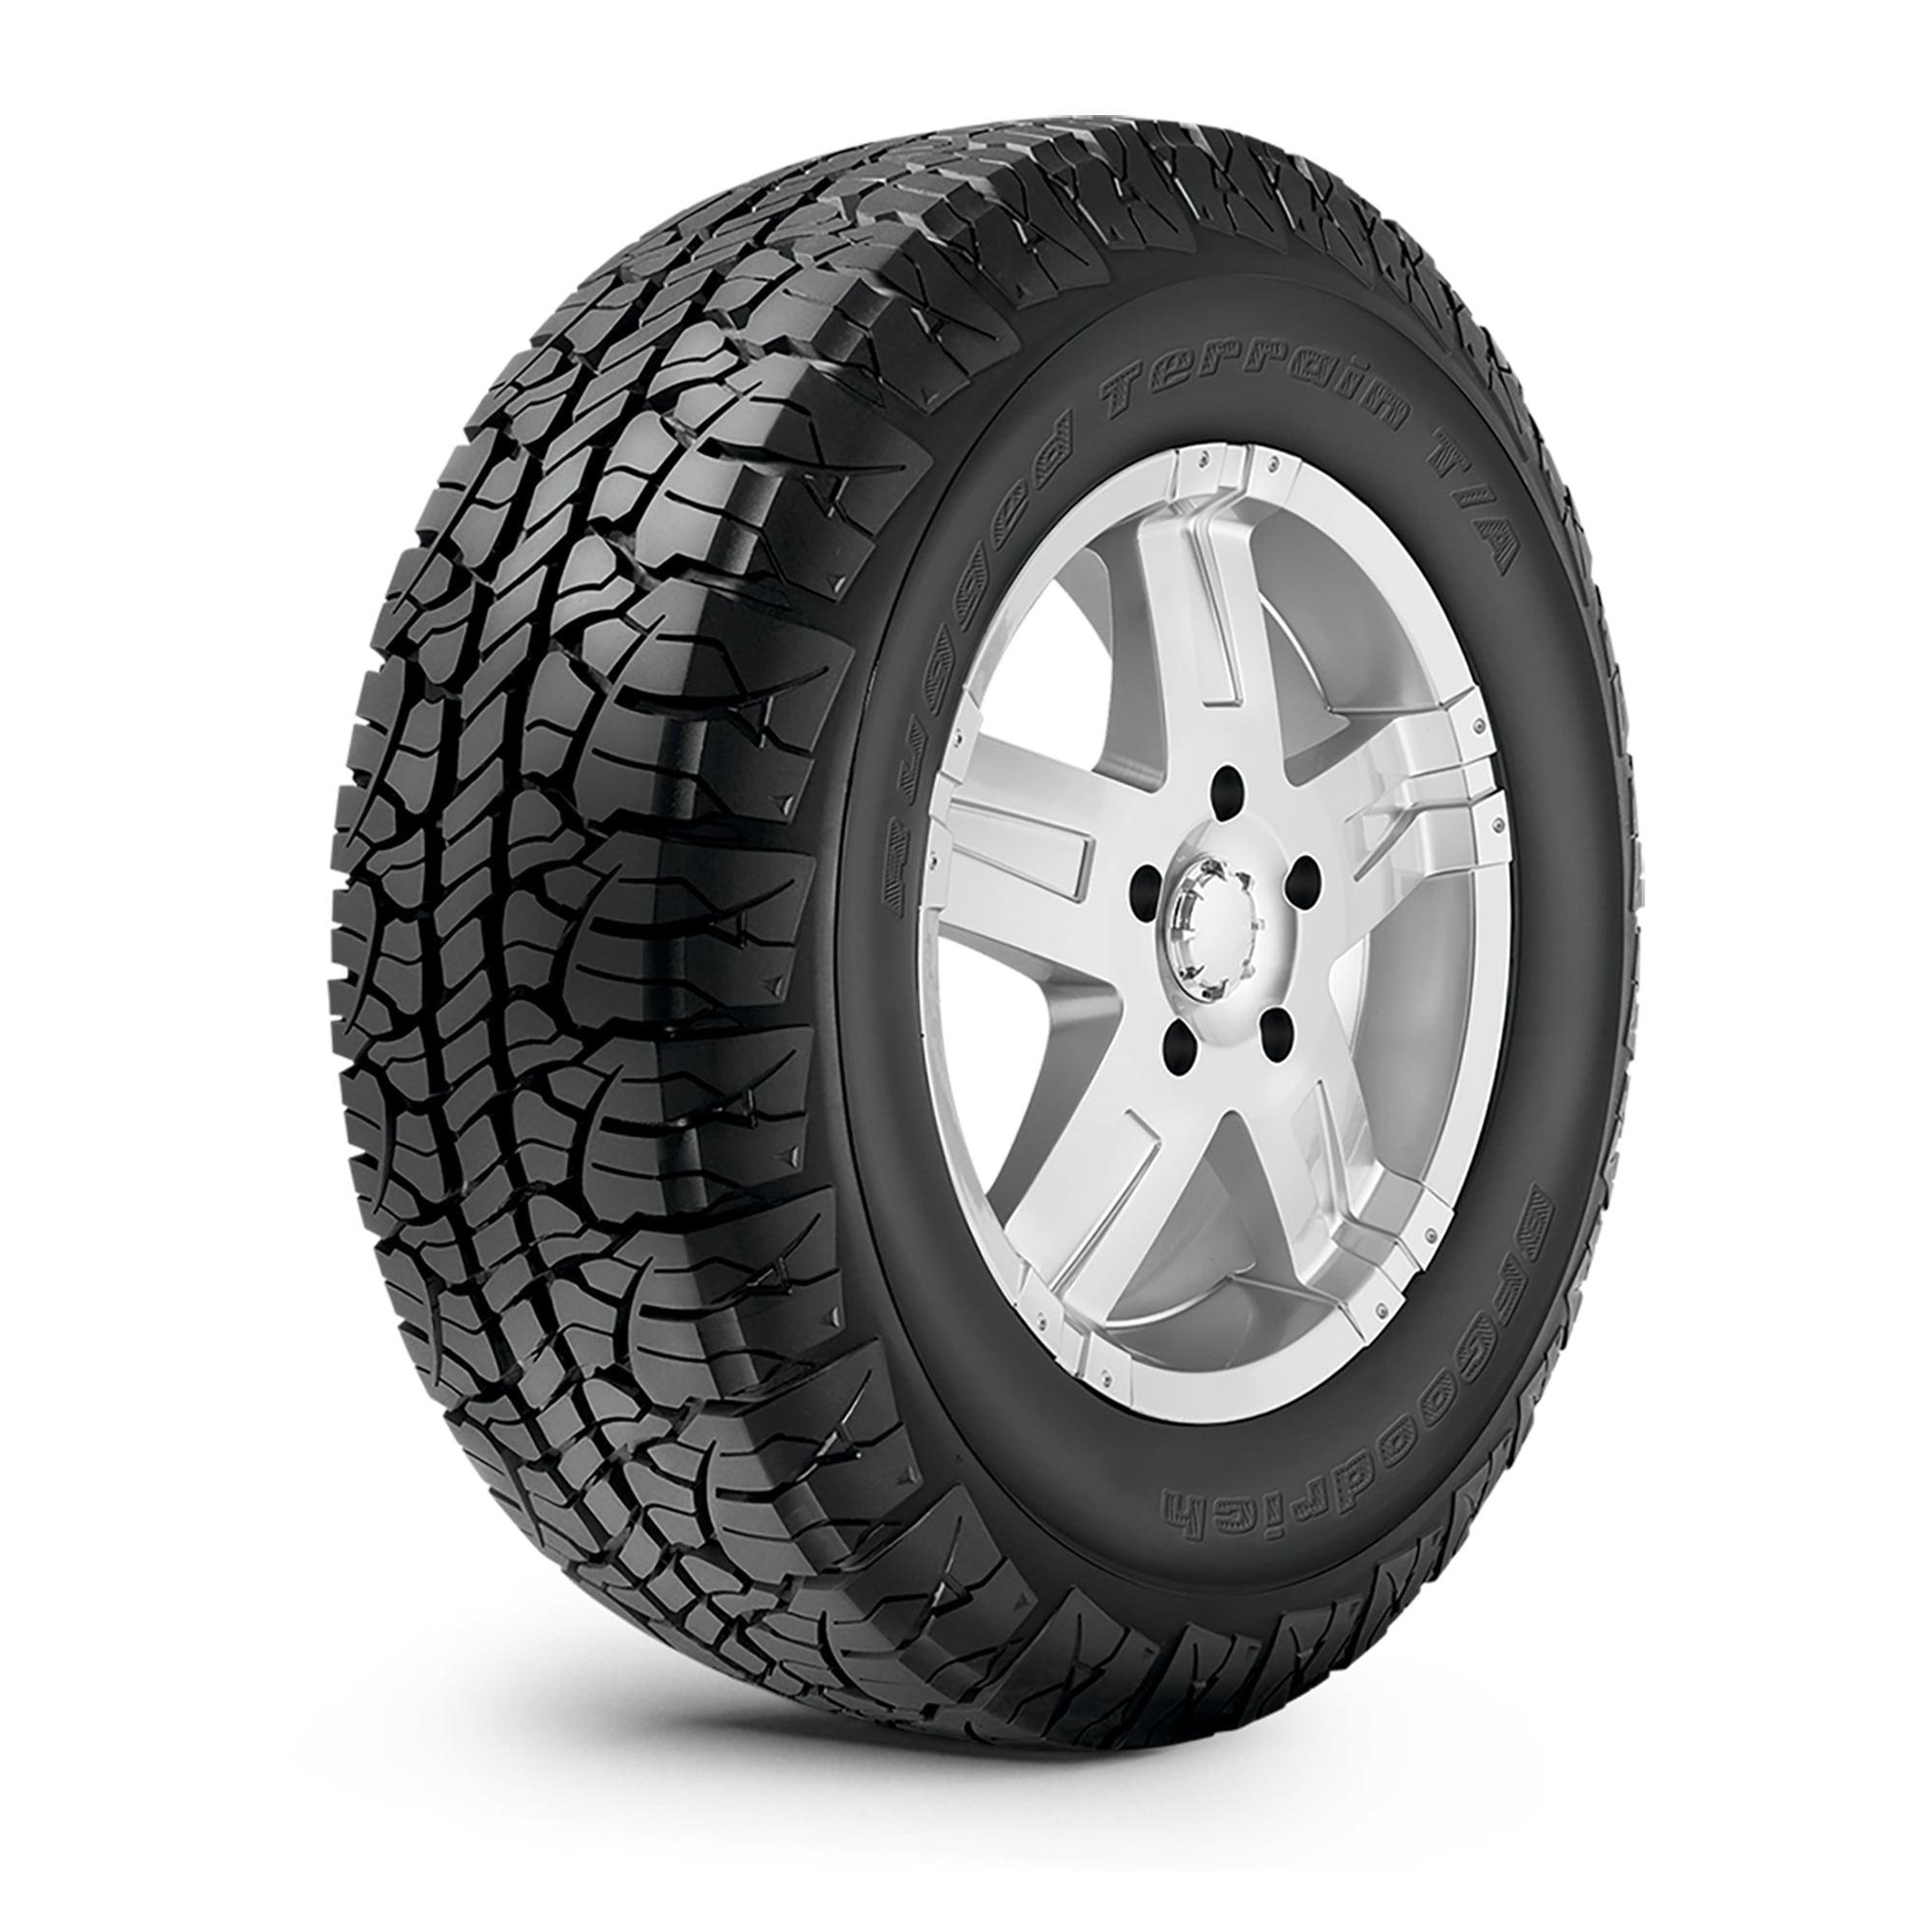 general tire rebate walmart Top Selling Tires on Rebate - Walmart.com